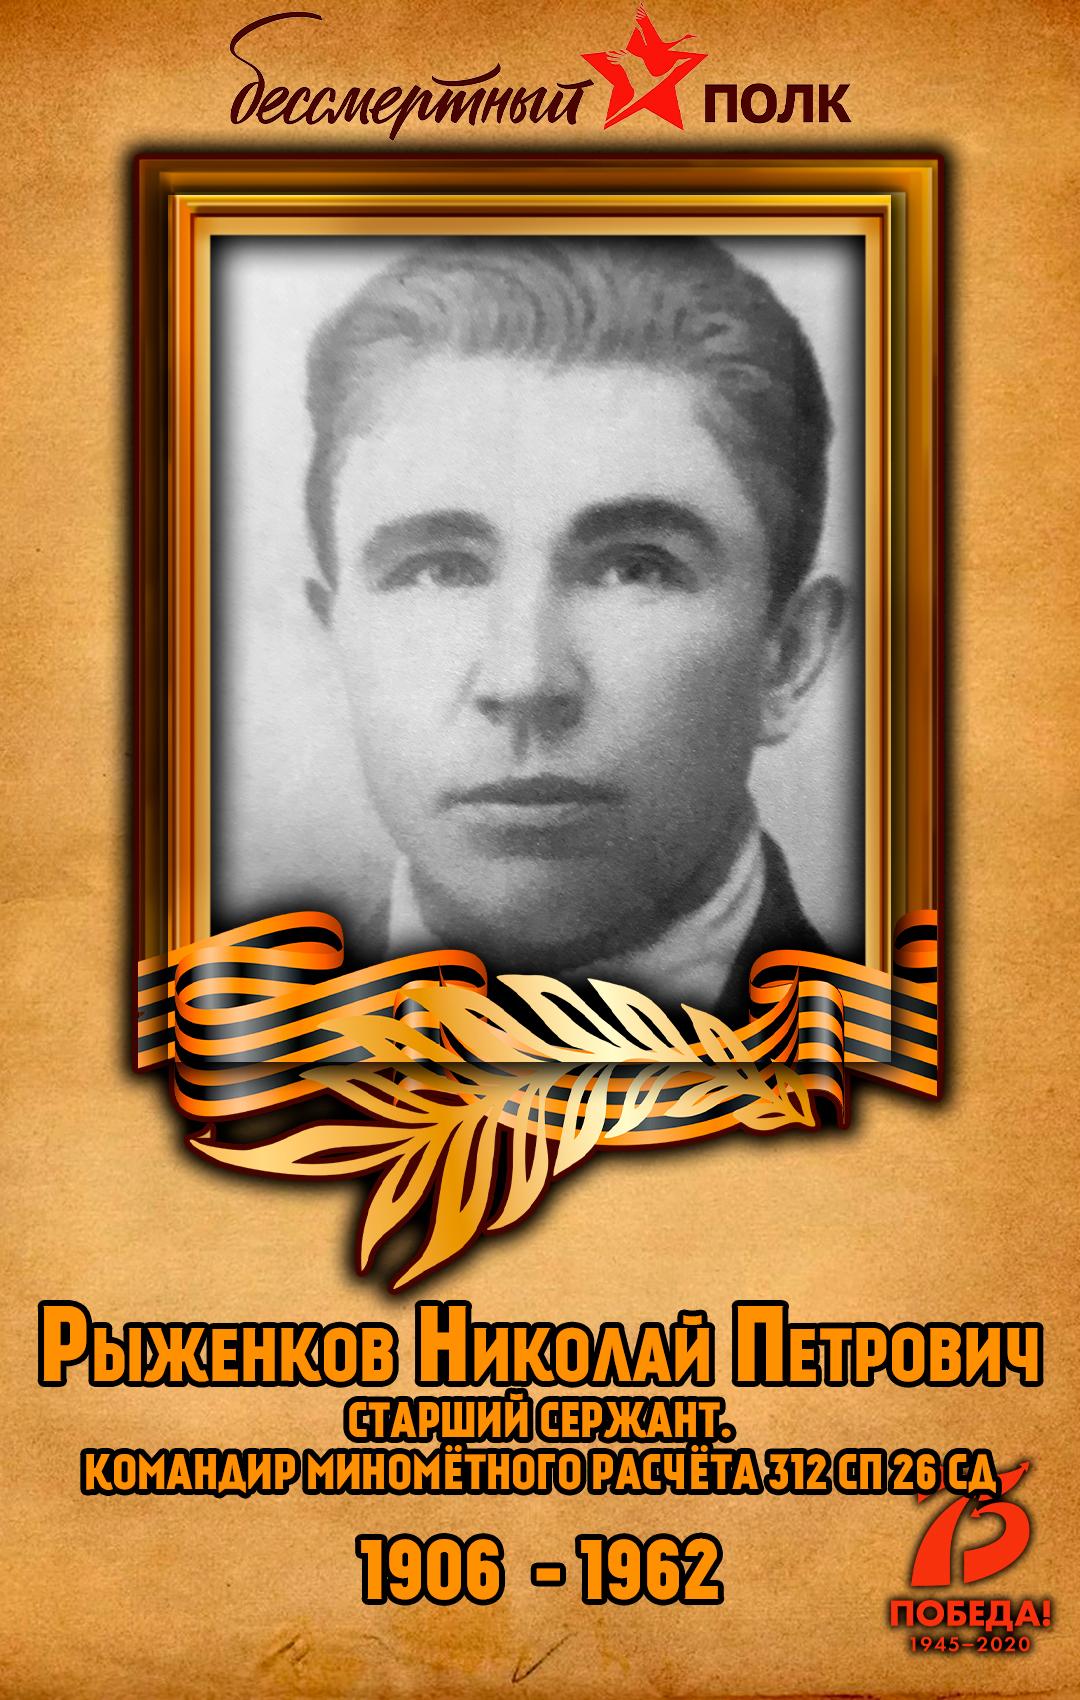 Рыженков-Николай-Петрович